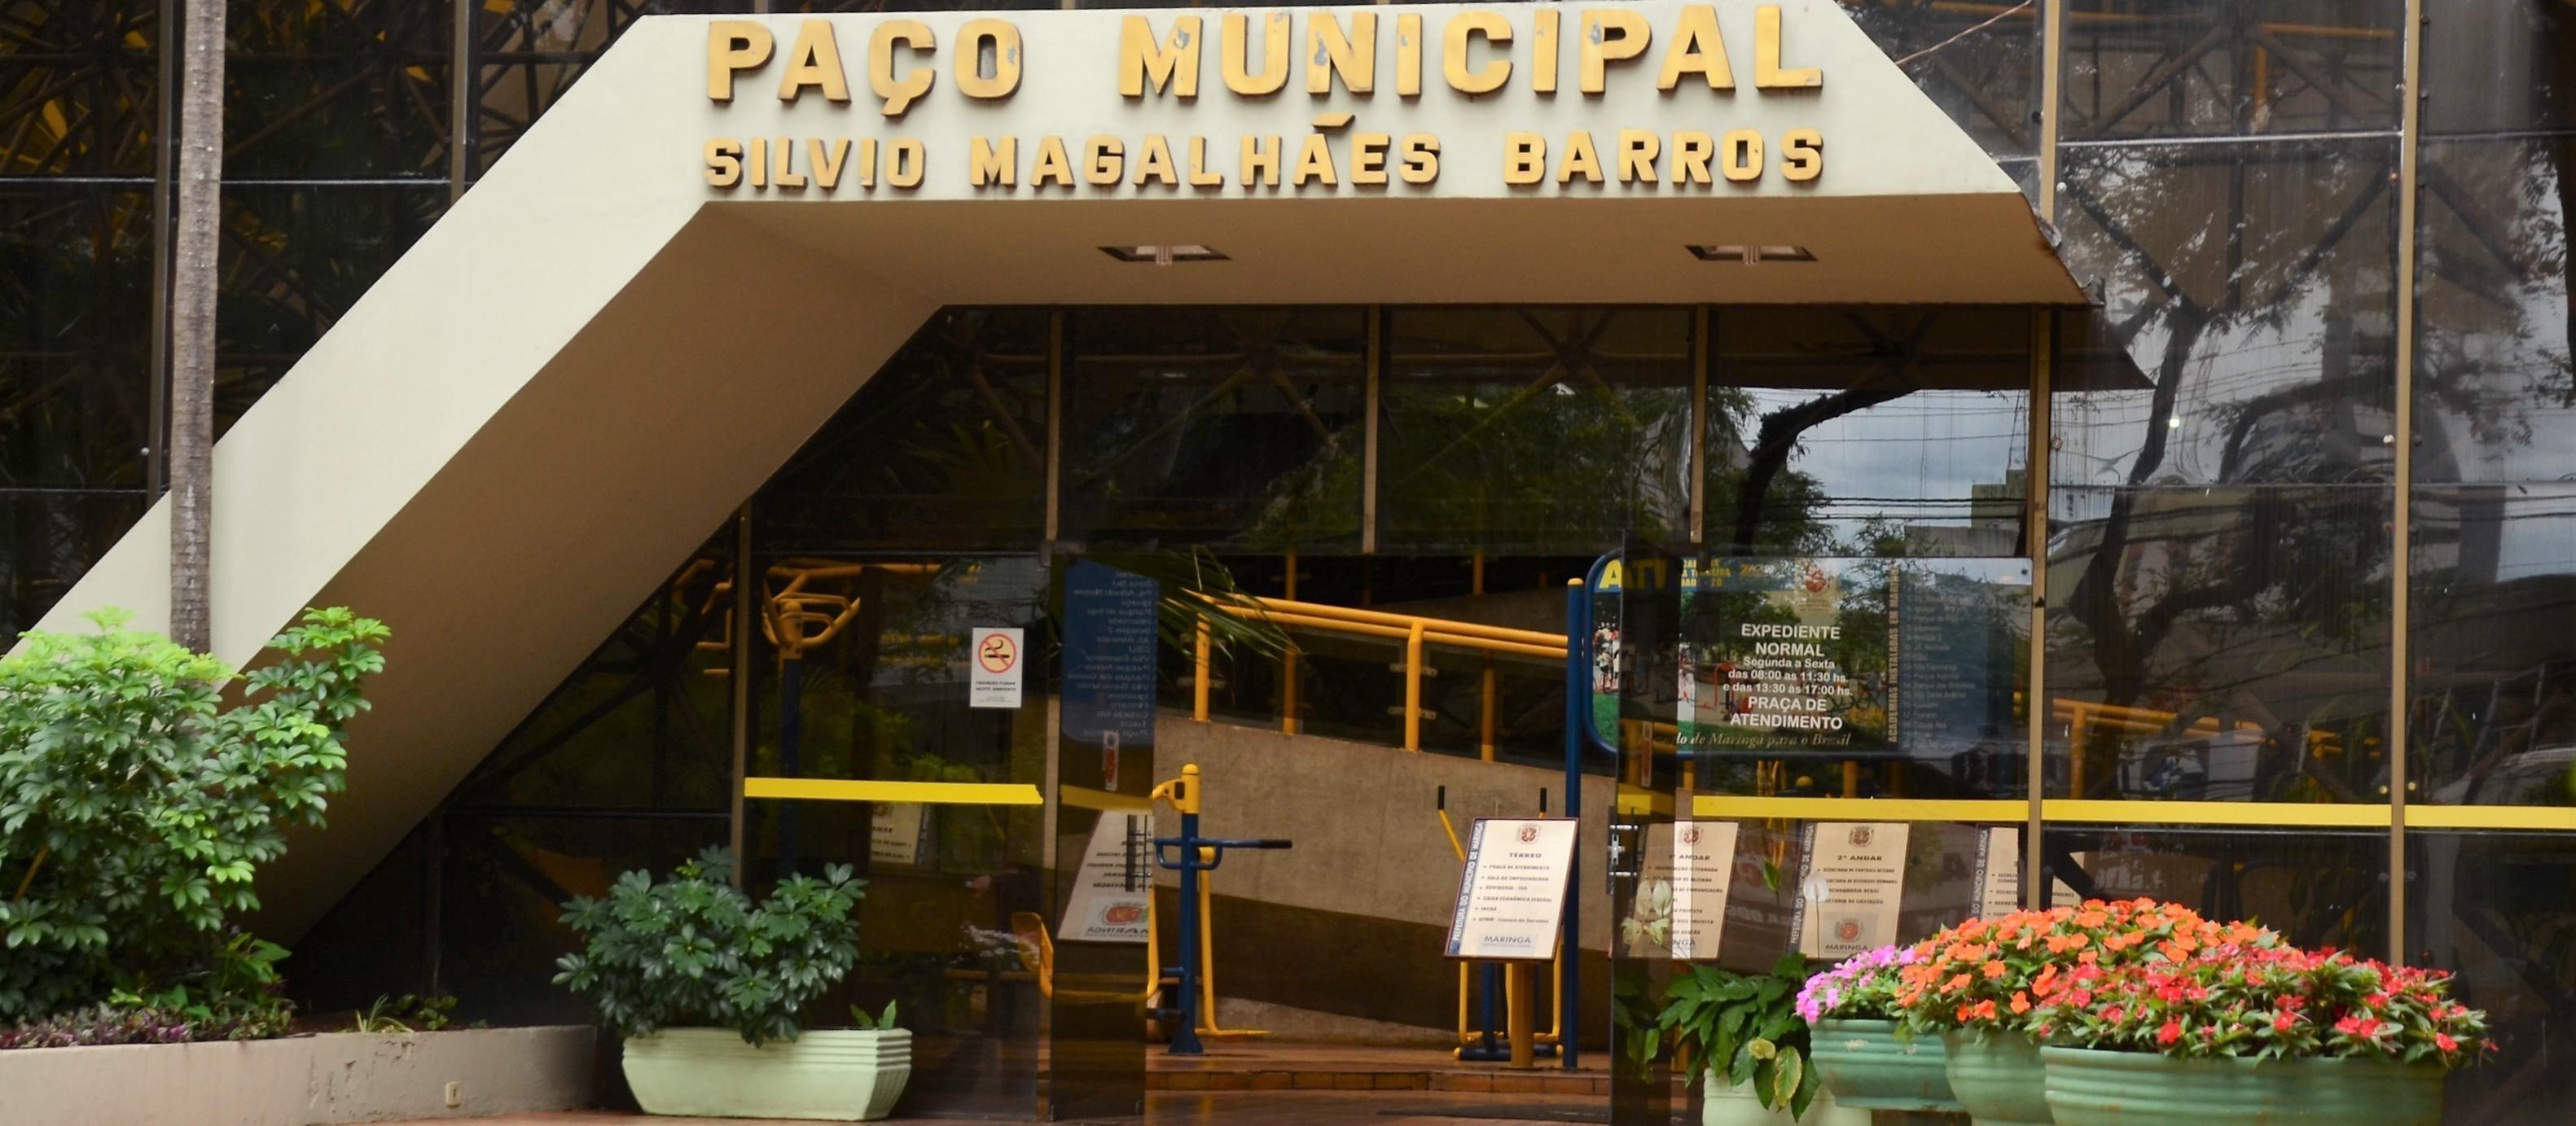 Prefeitura quer permitir publicidade em troca de manutenção de espaços públicos